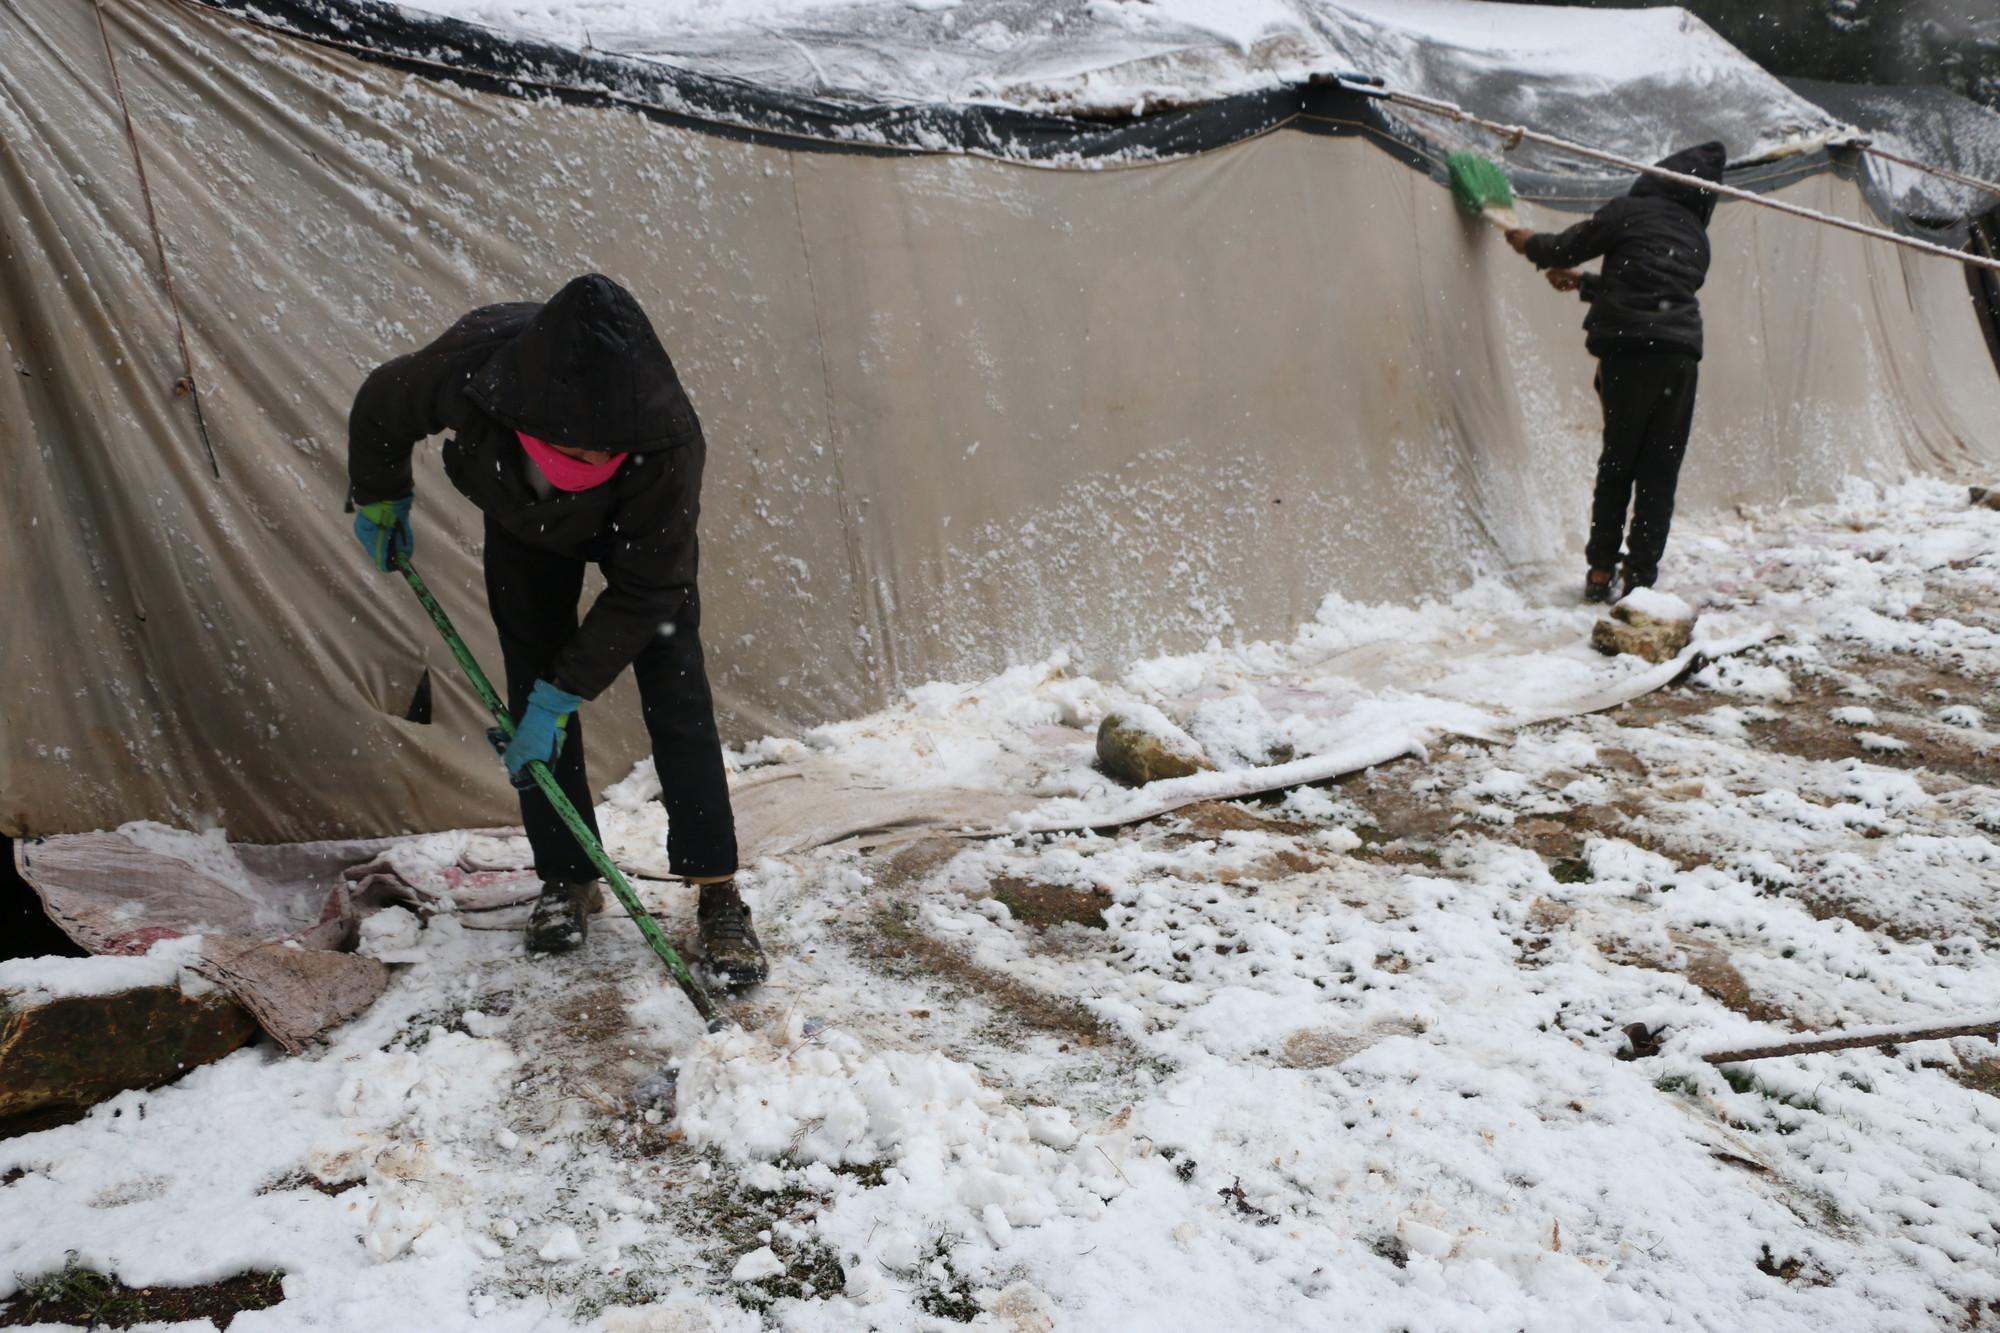 Duas crianças limpam a neve do lado de fora de uma barraca em um acampamento.